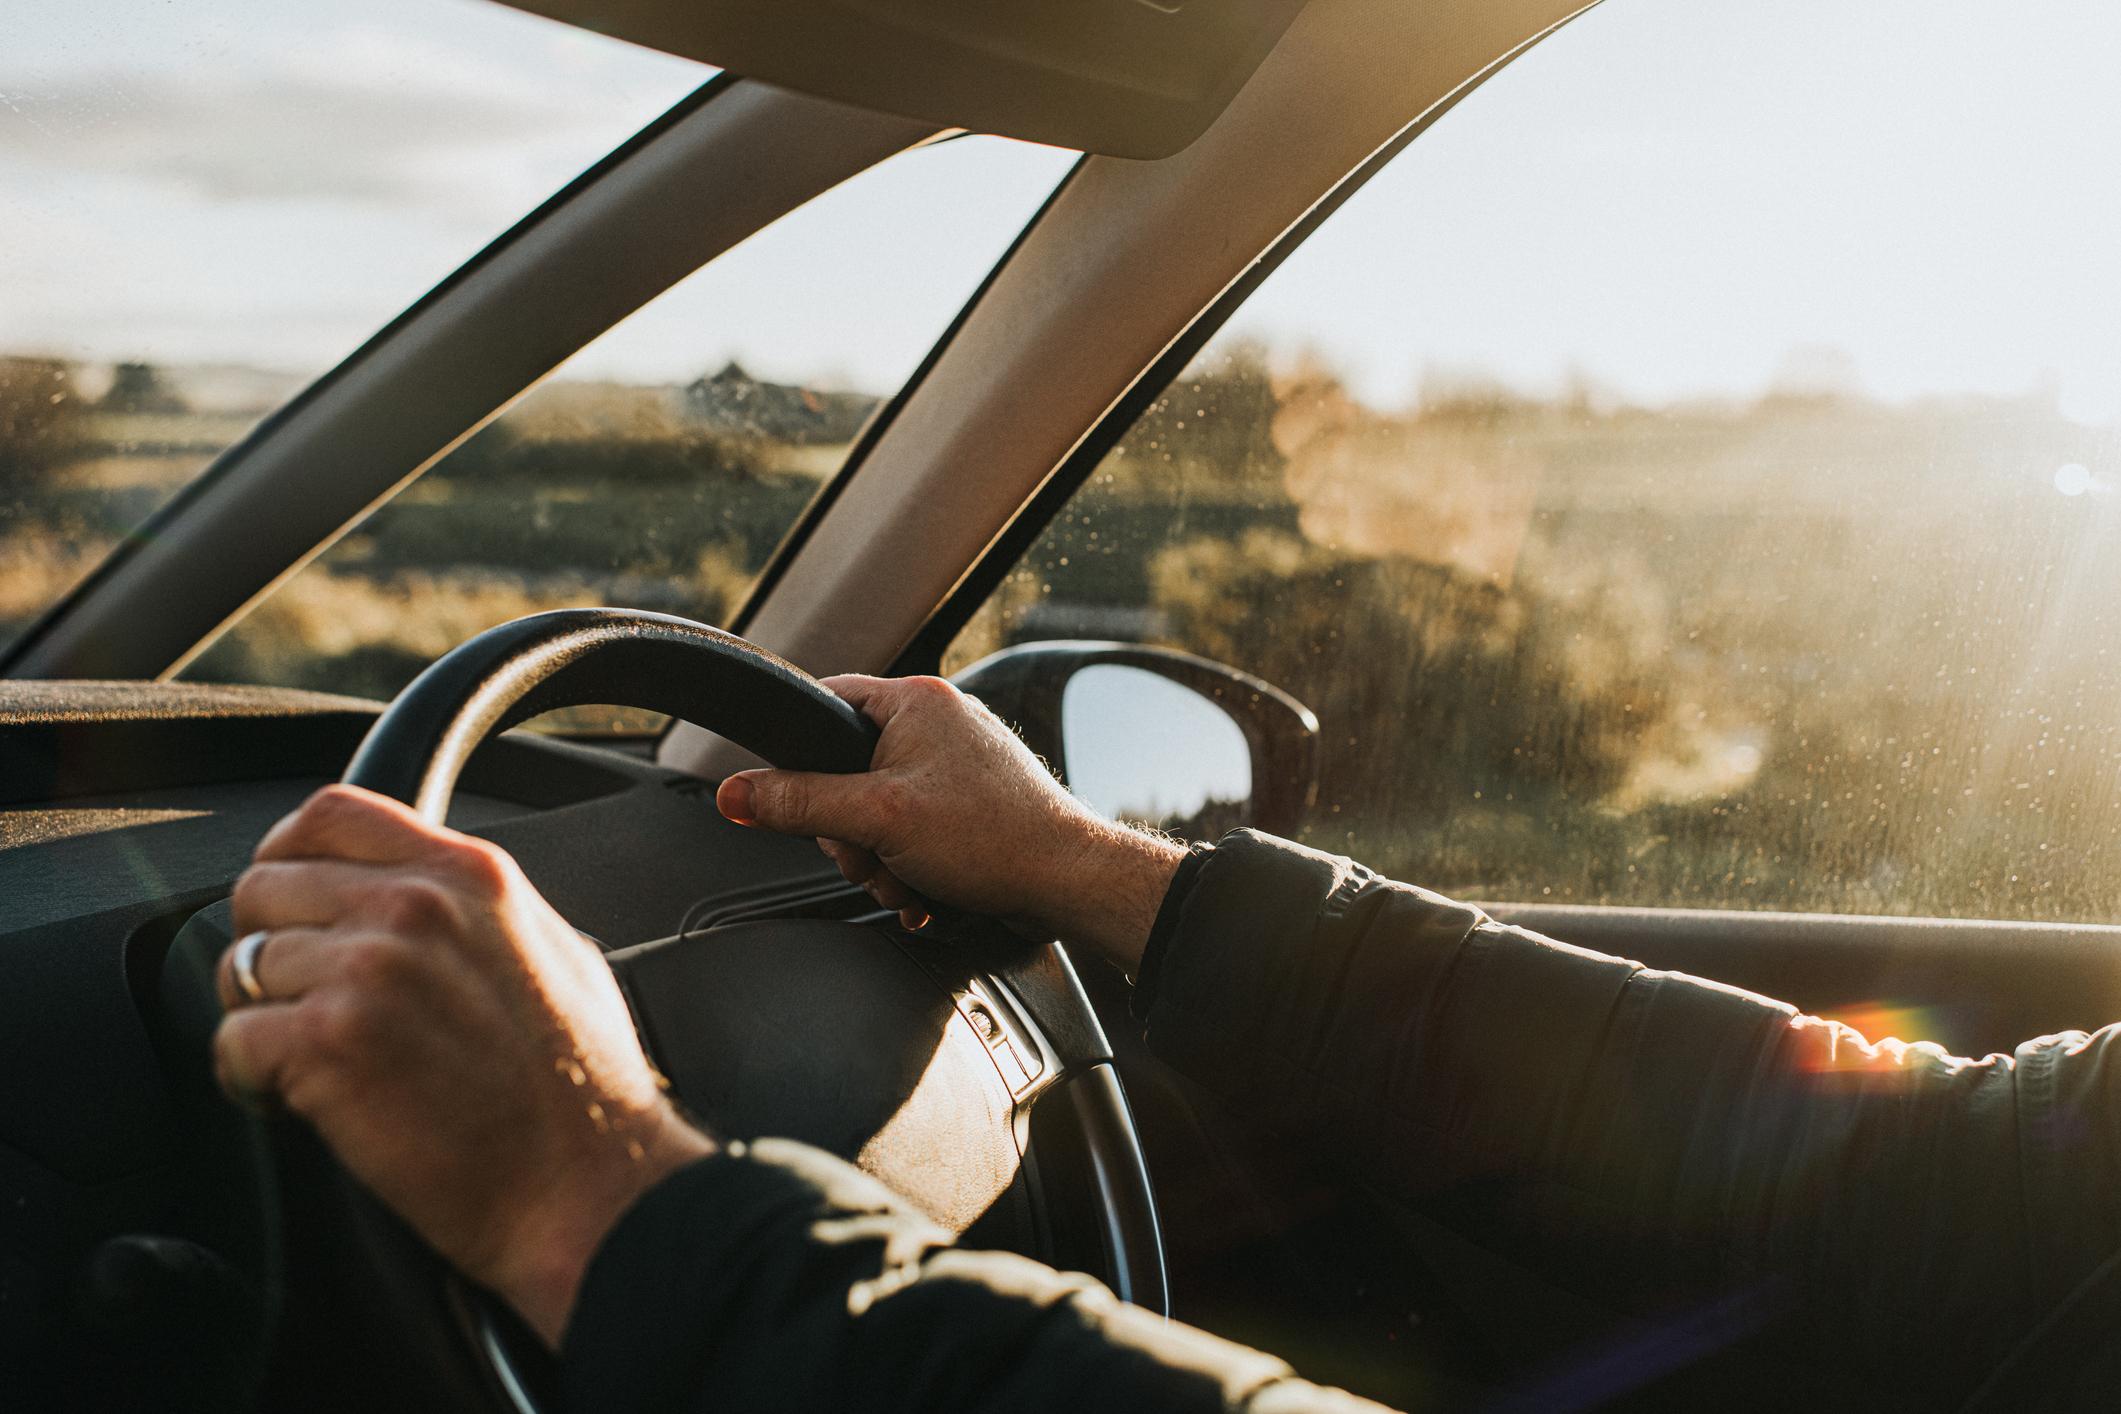 Les mains d'un parent sur le volant d'une voiture